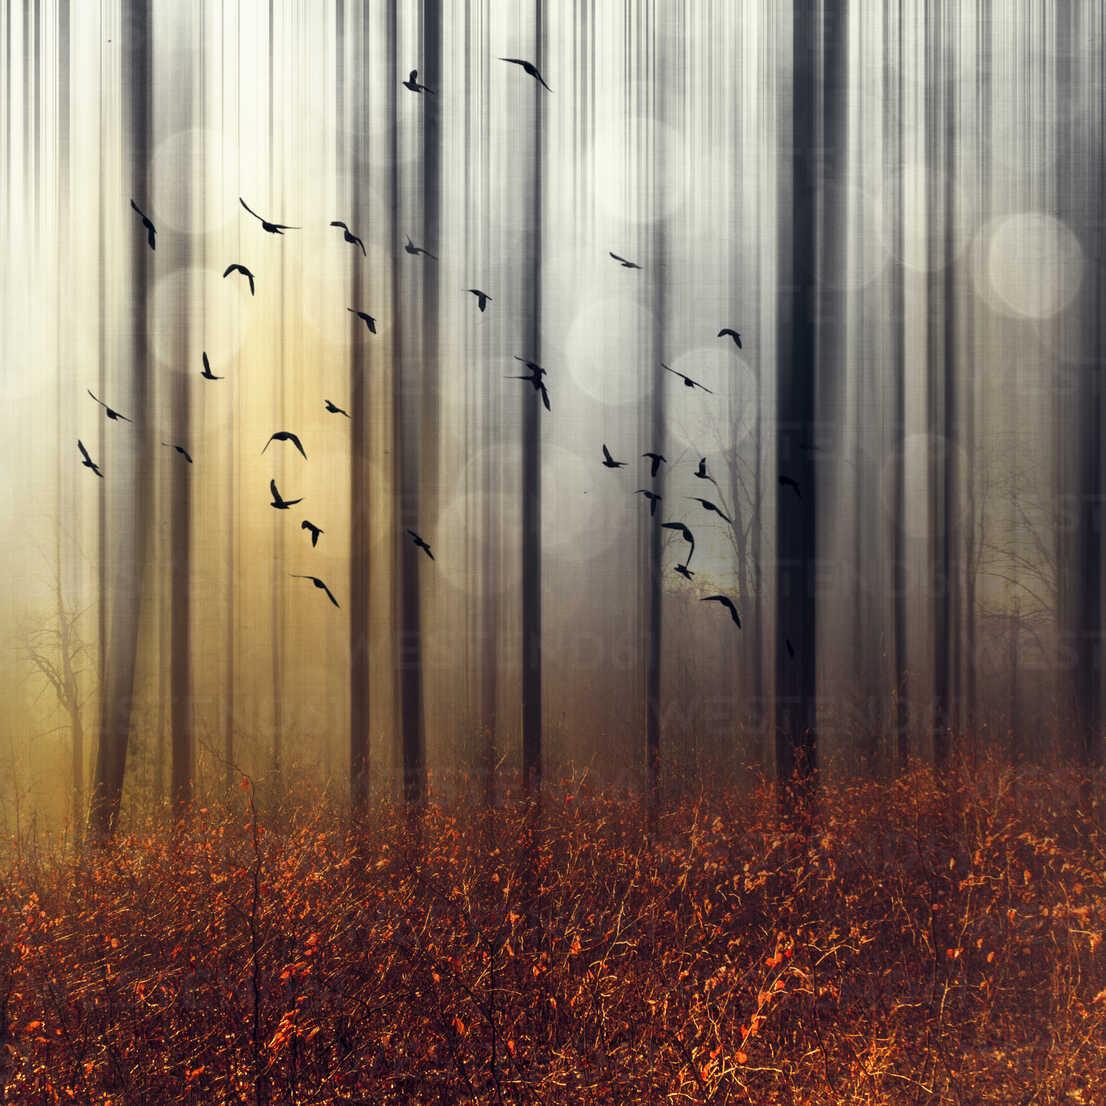 Flock of birds in autumn forest, digitally manipulated - DWI000563 - Dirk Wüstenhagen/Westend61